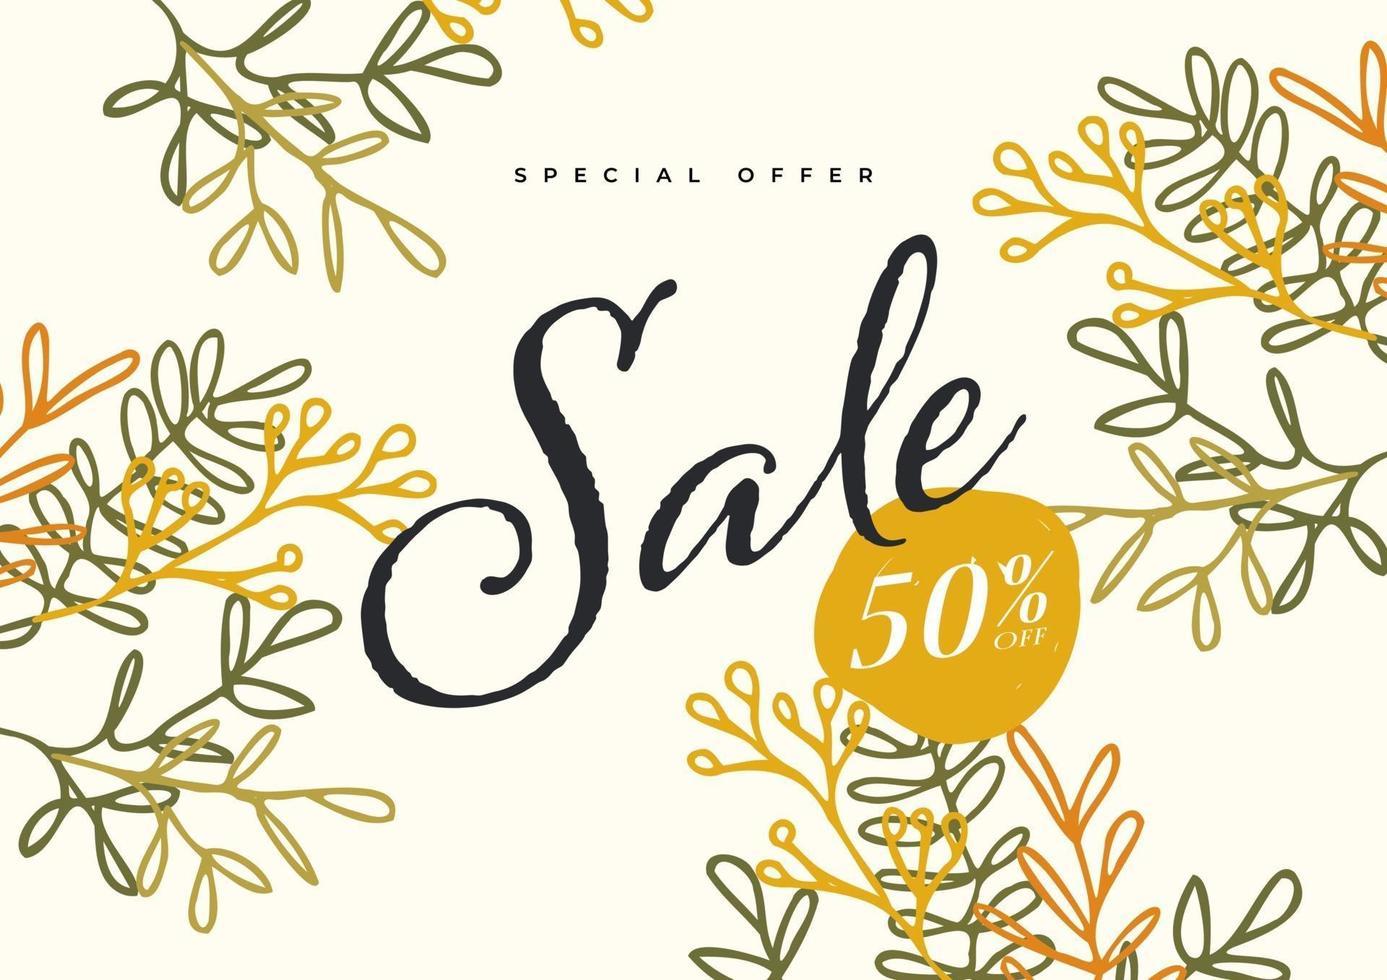 försäljning banner mall. elegant blommig bakgrund. marknadsföring fyrkantig webb banner. vektor